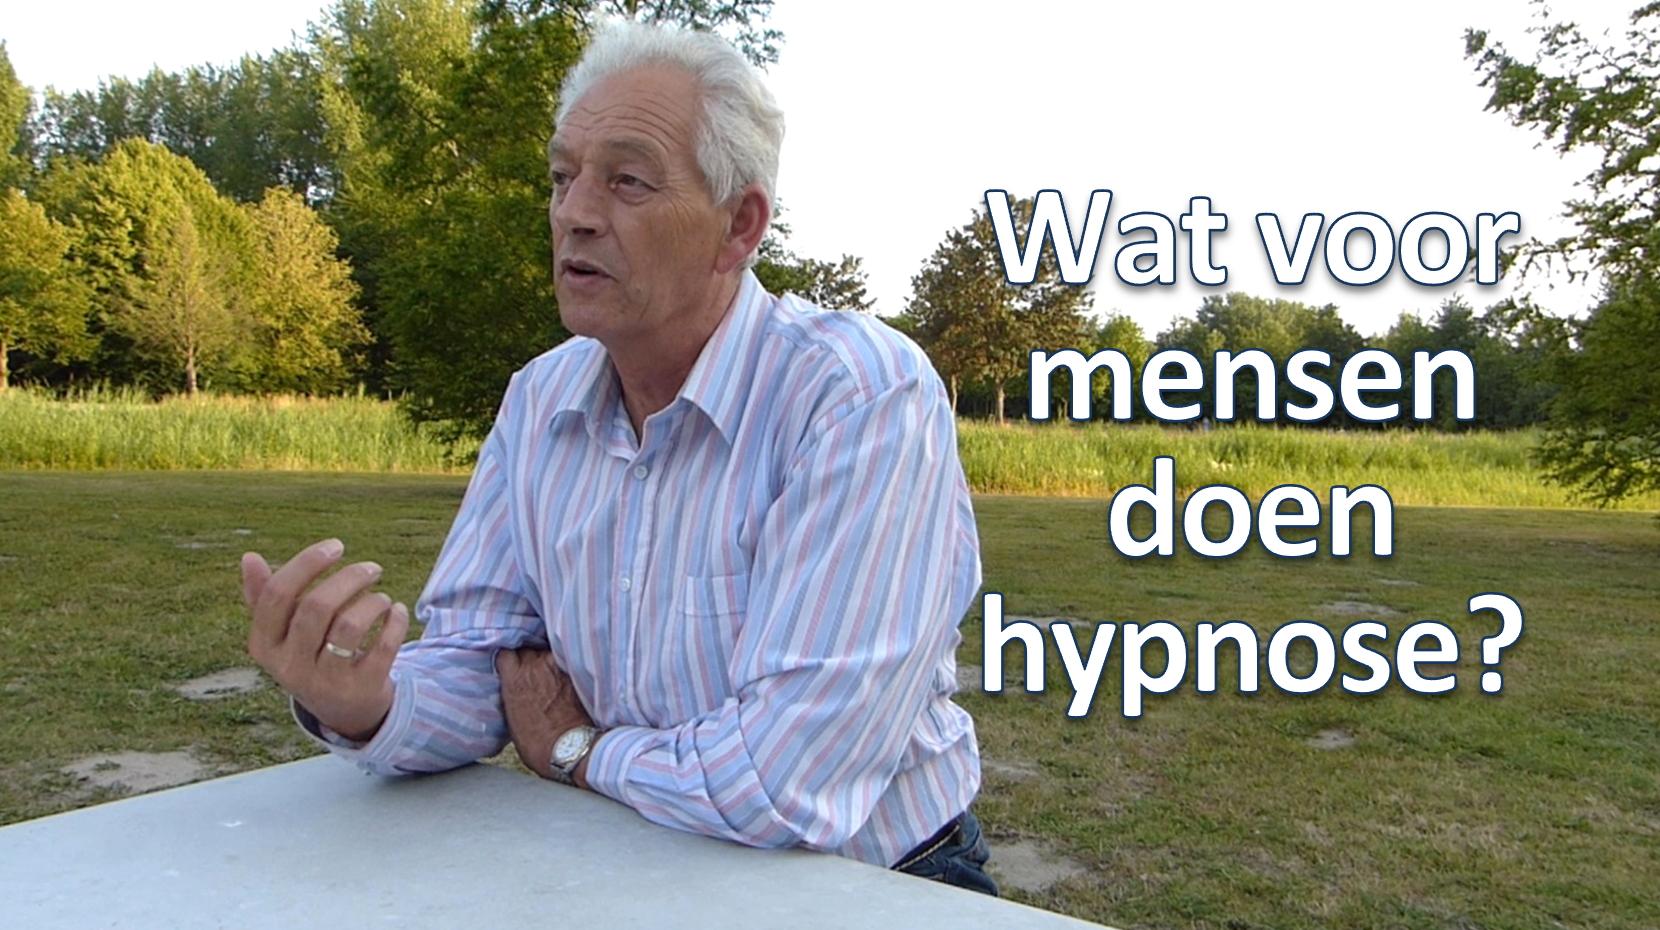 Wat voor mensen doen hypnose?